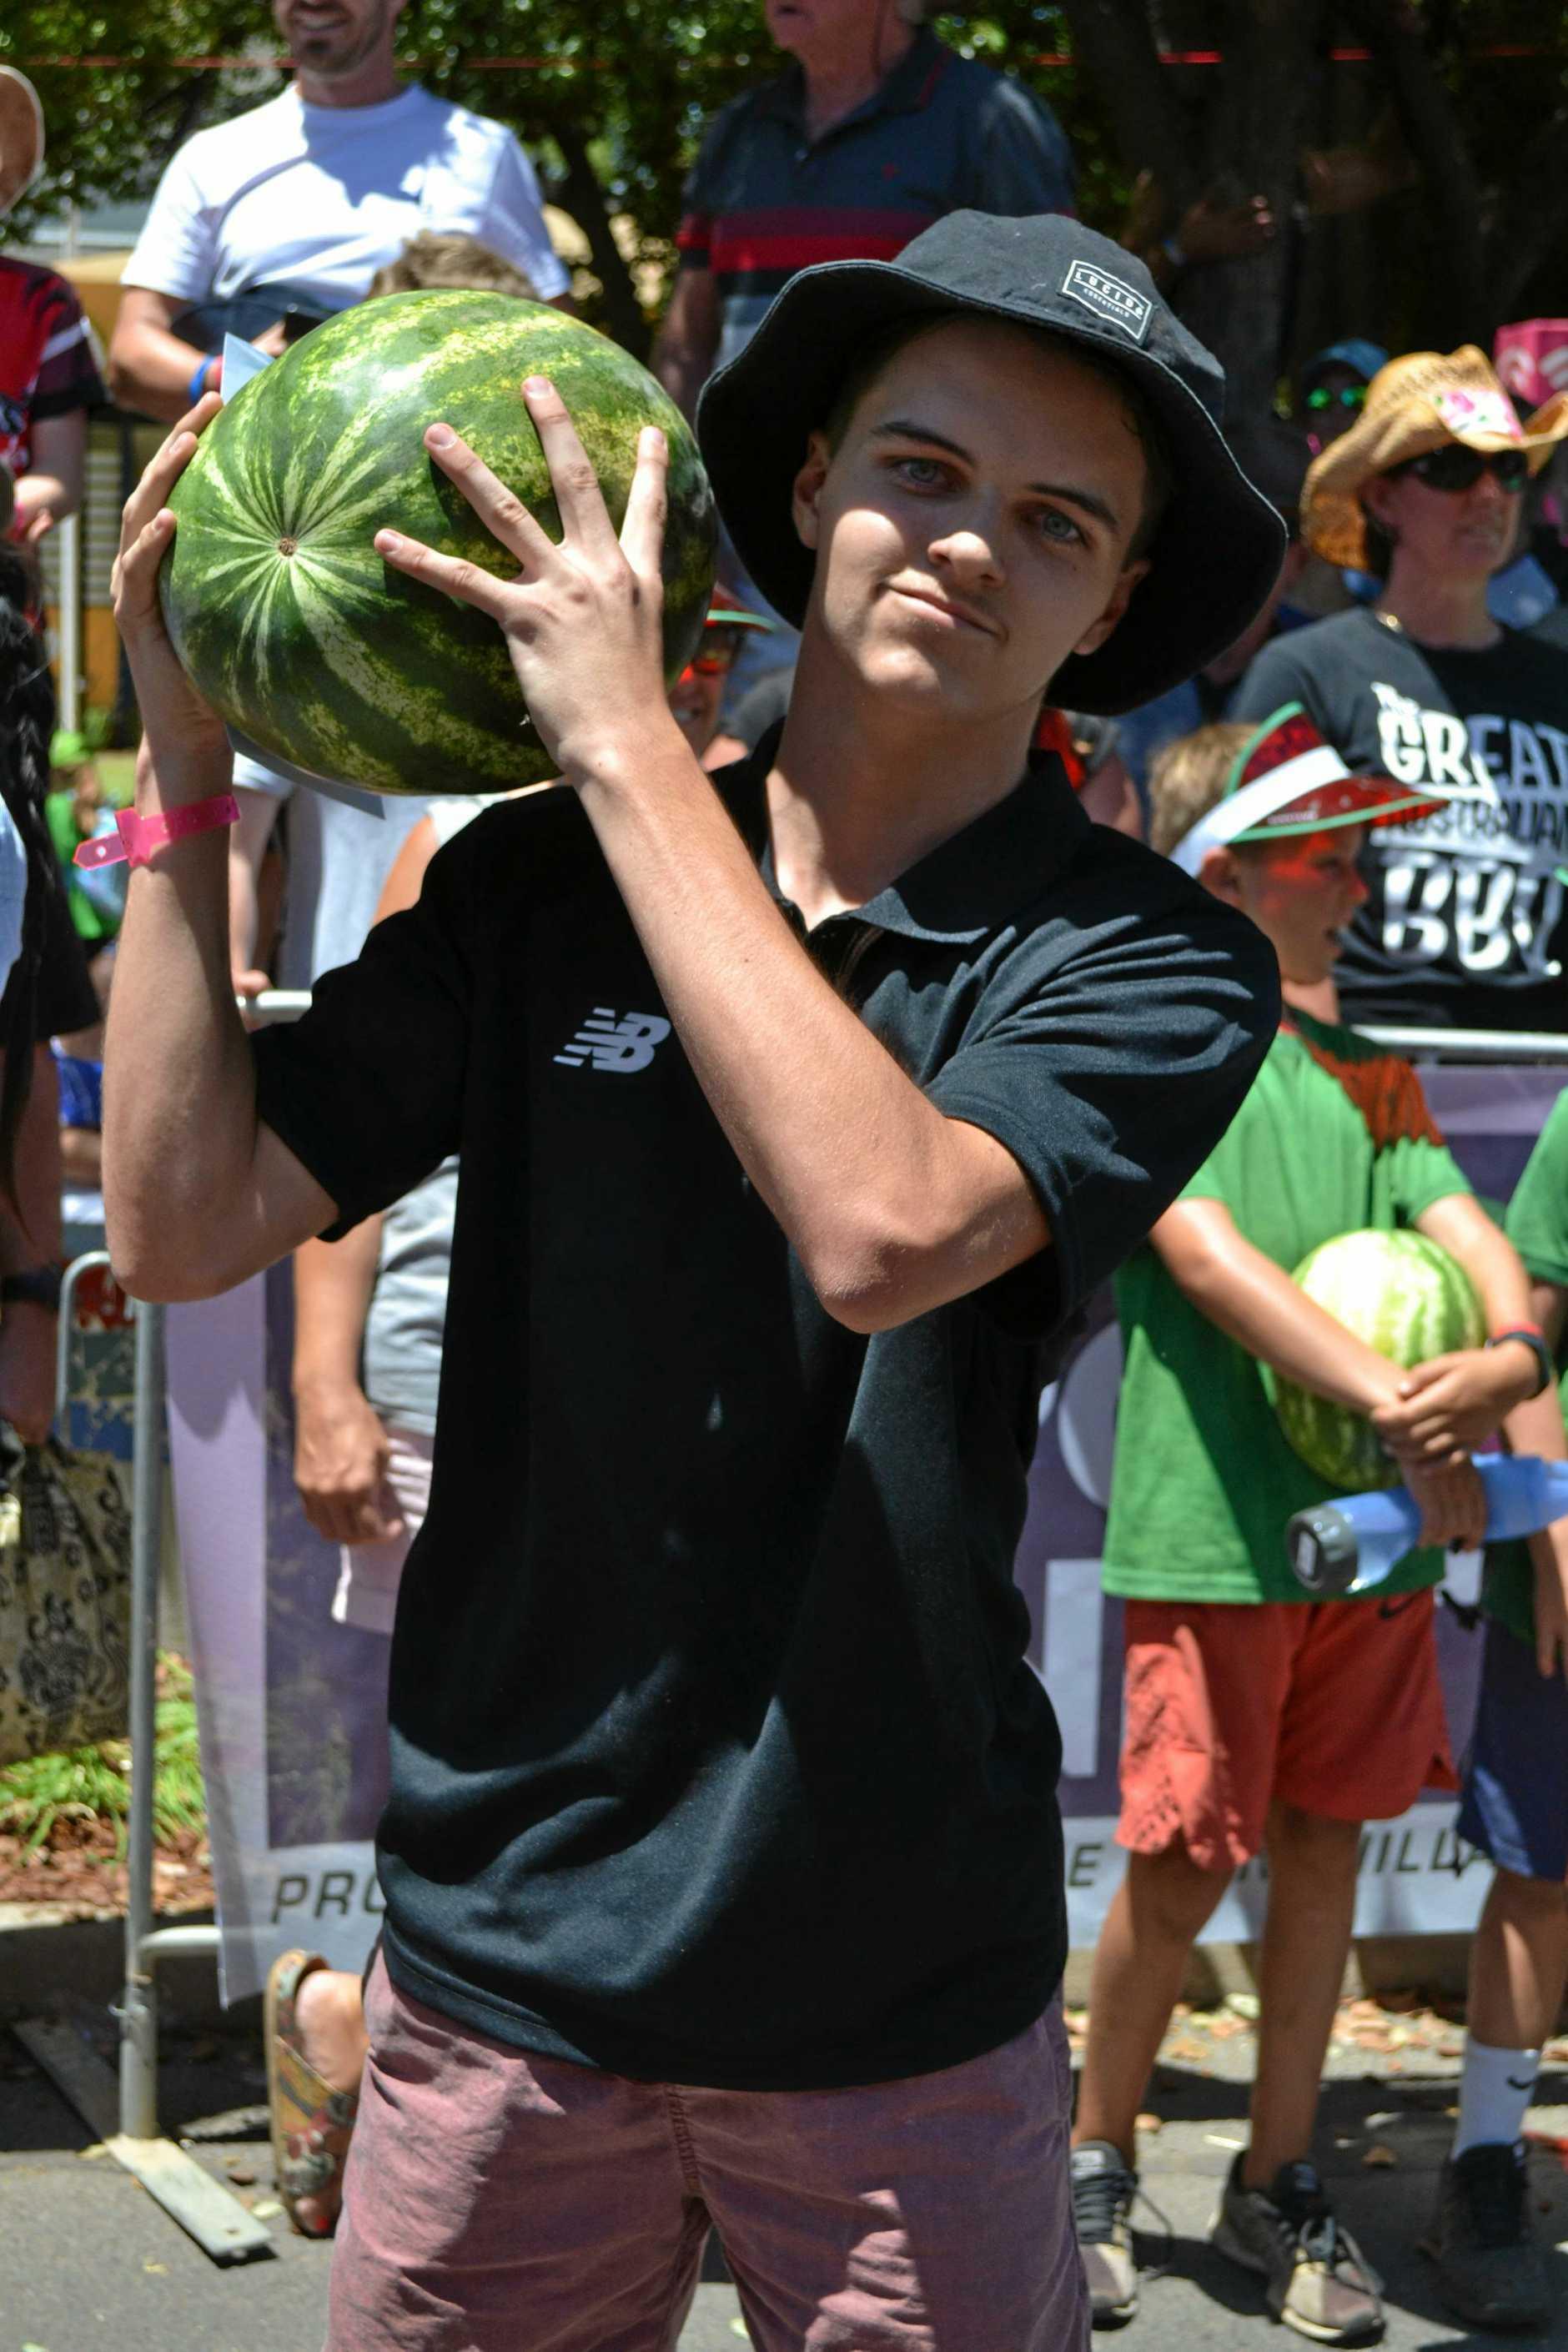 Kids melon dash winner Mitch Cartwright